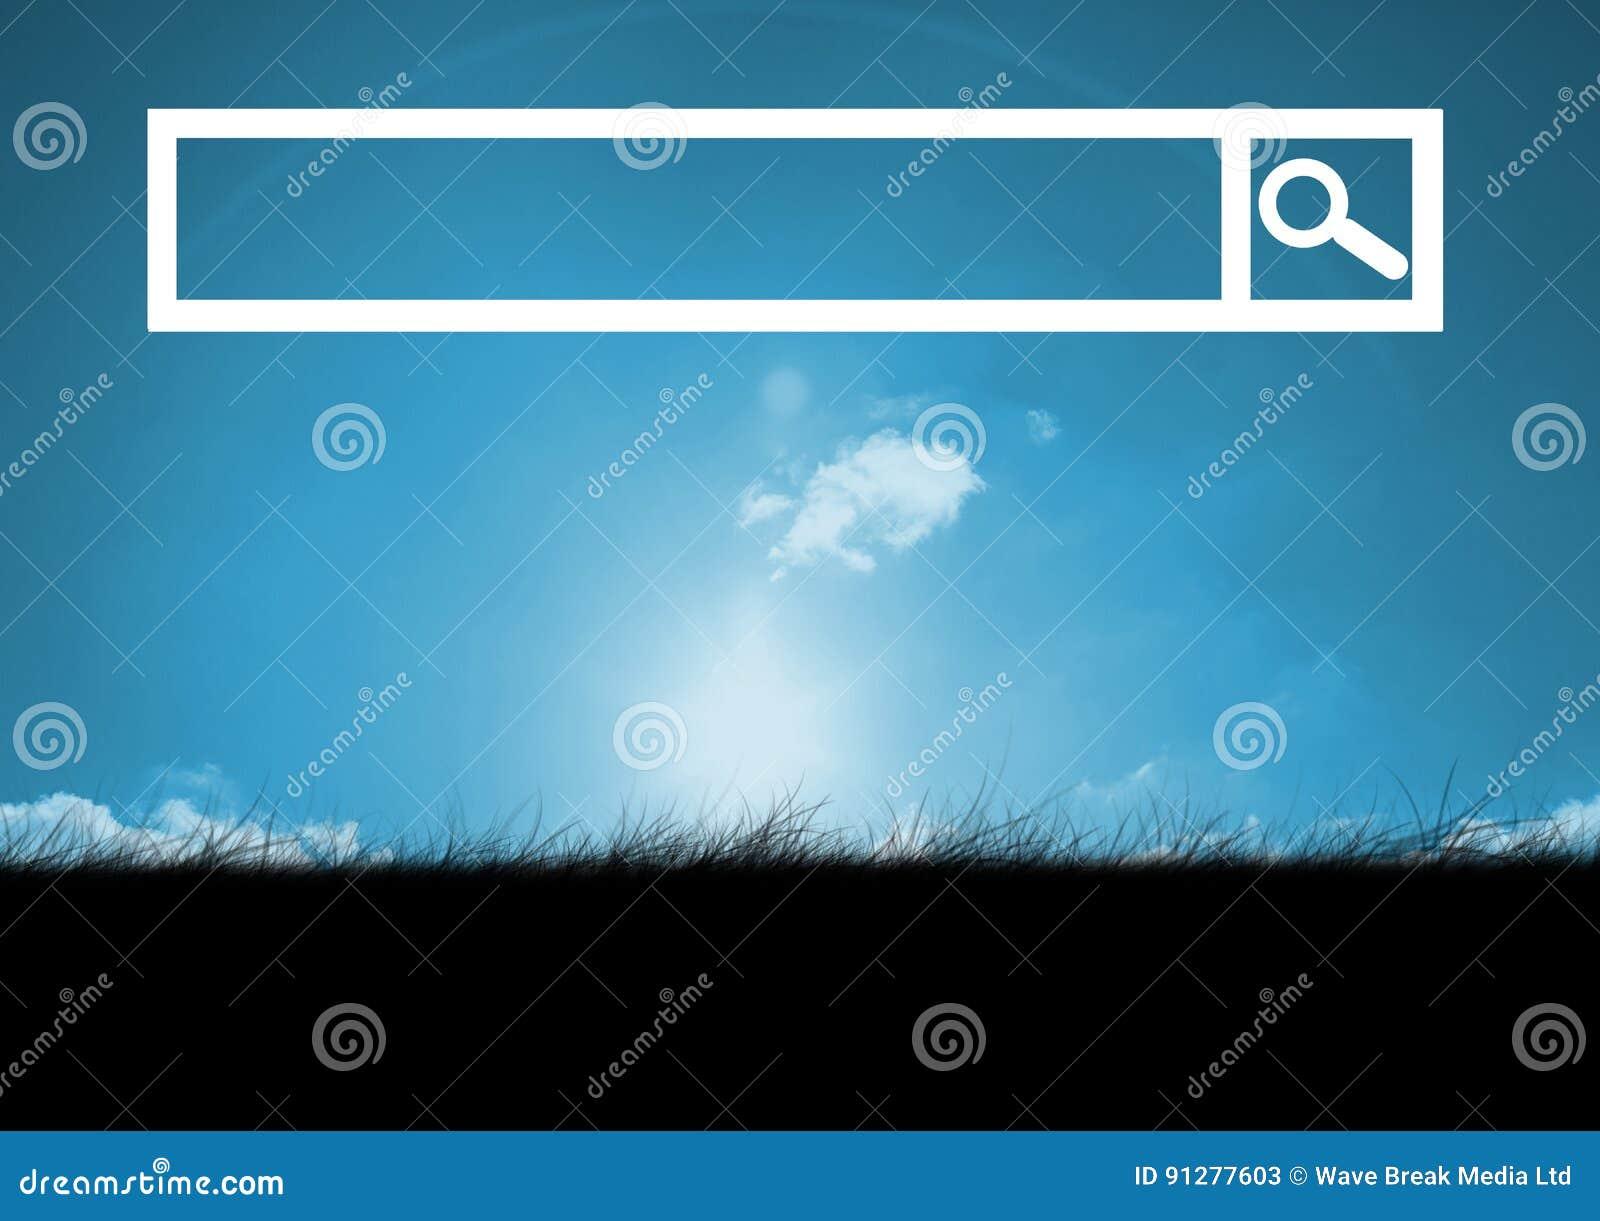 Sökandestång med himmel- och gräsbakgrund